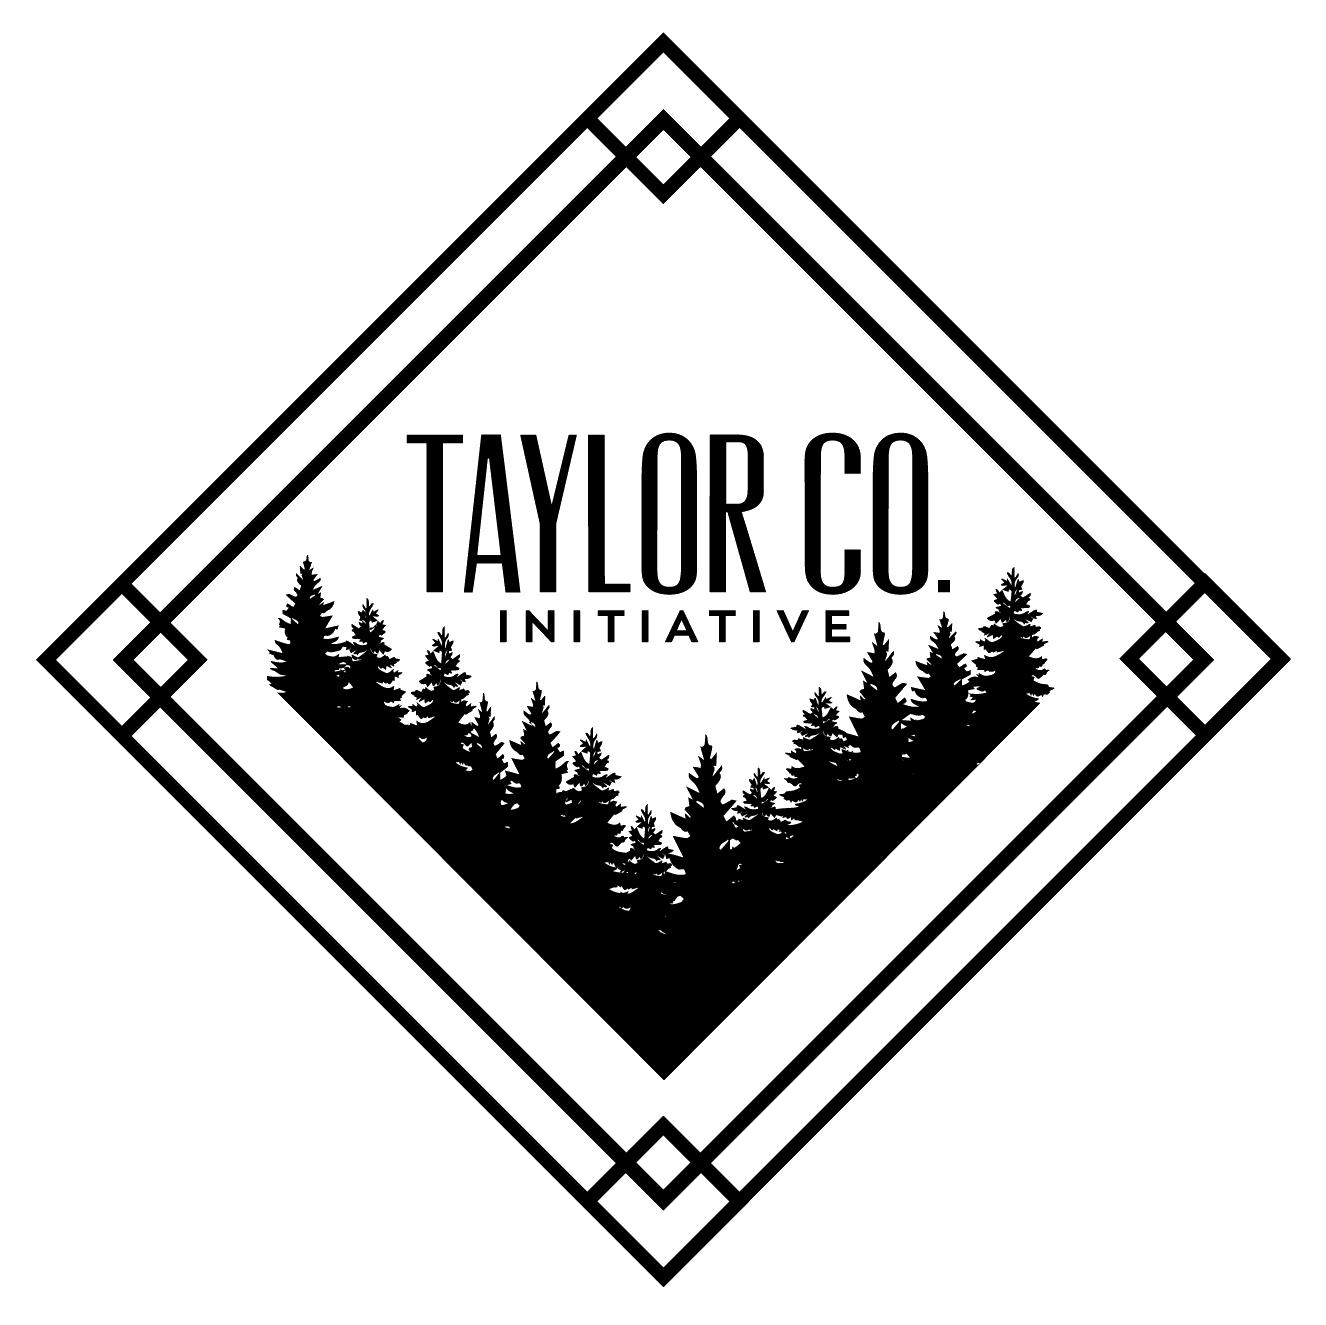 TaylorCo.logo.png